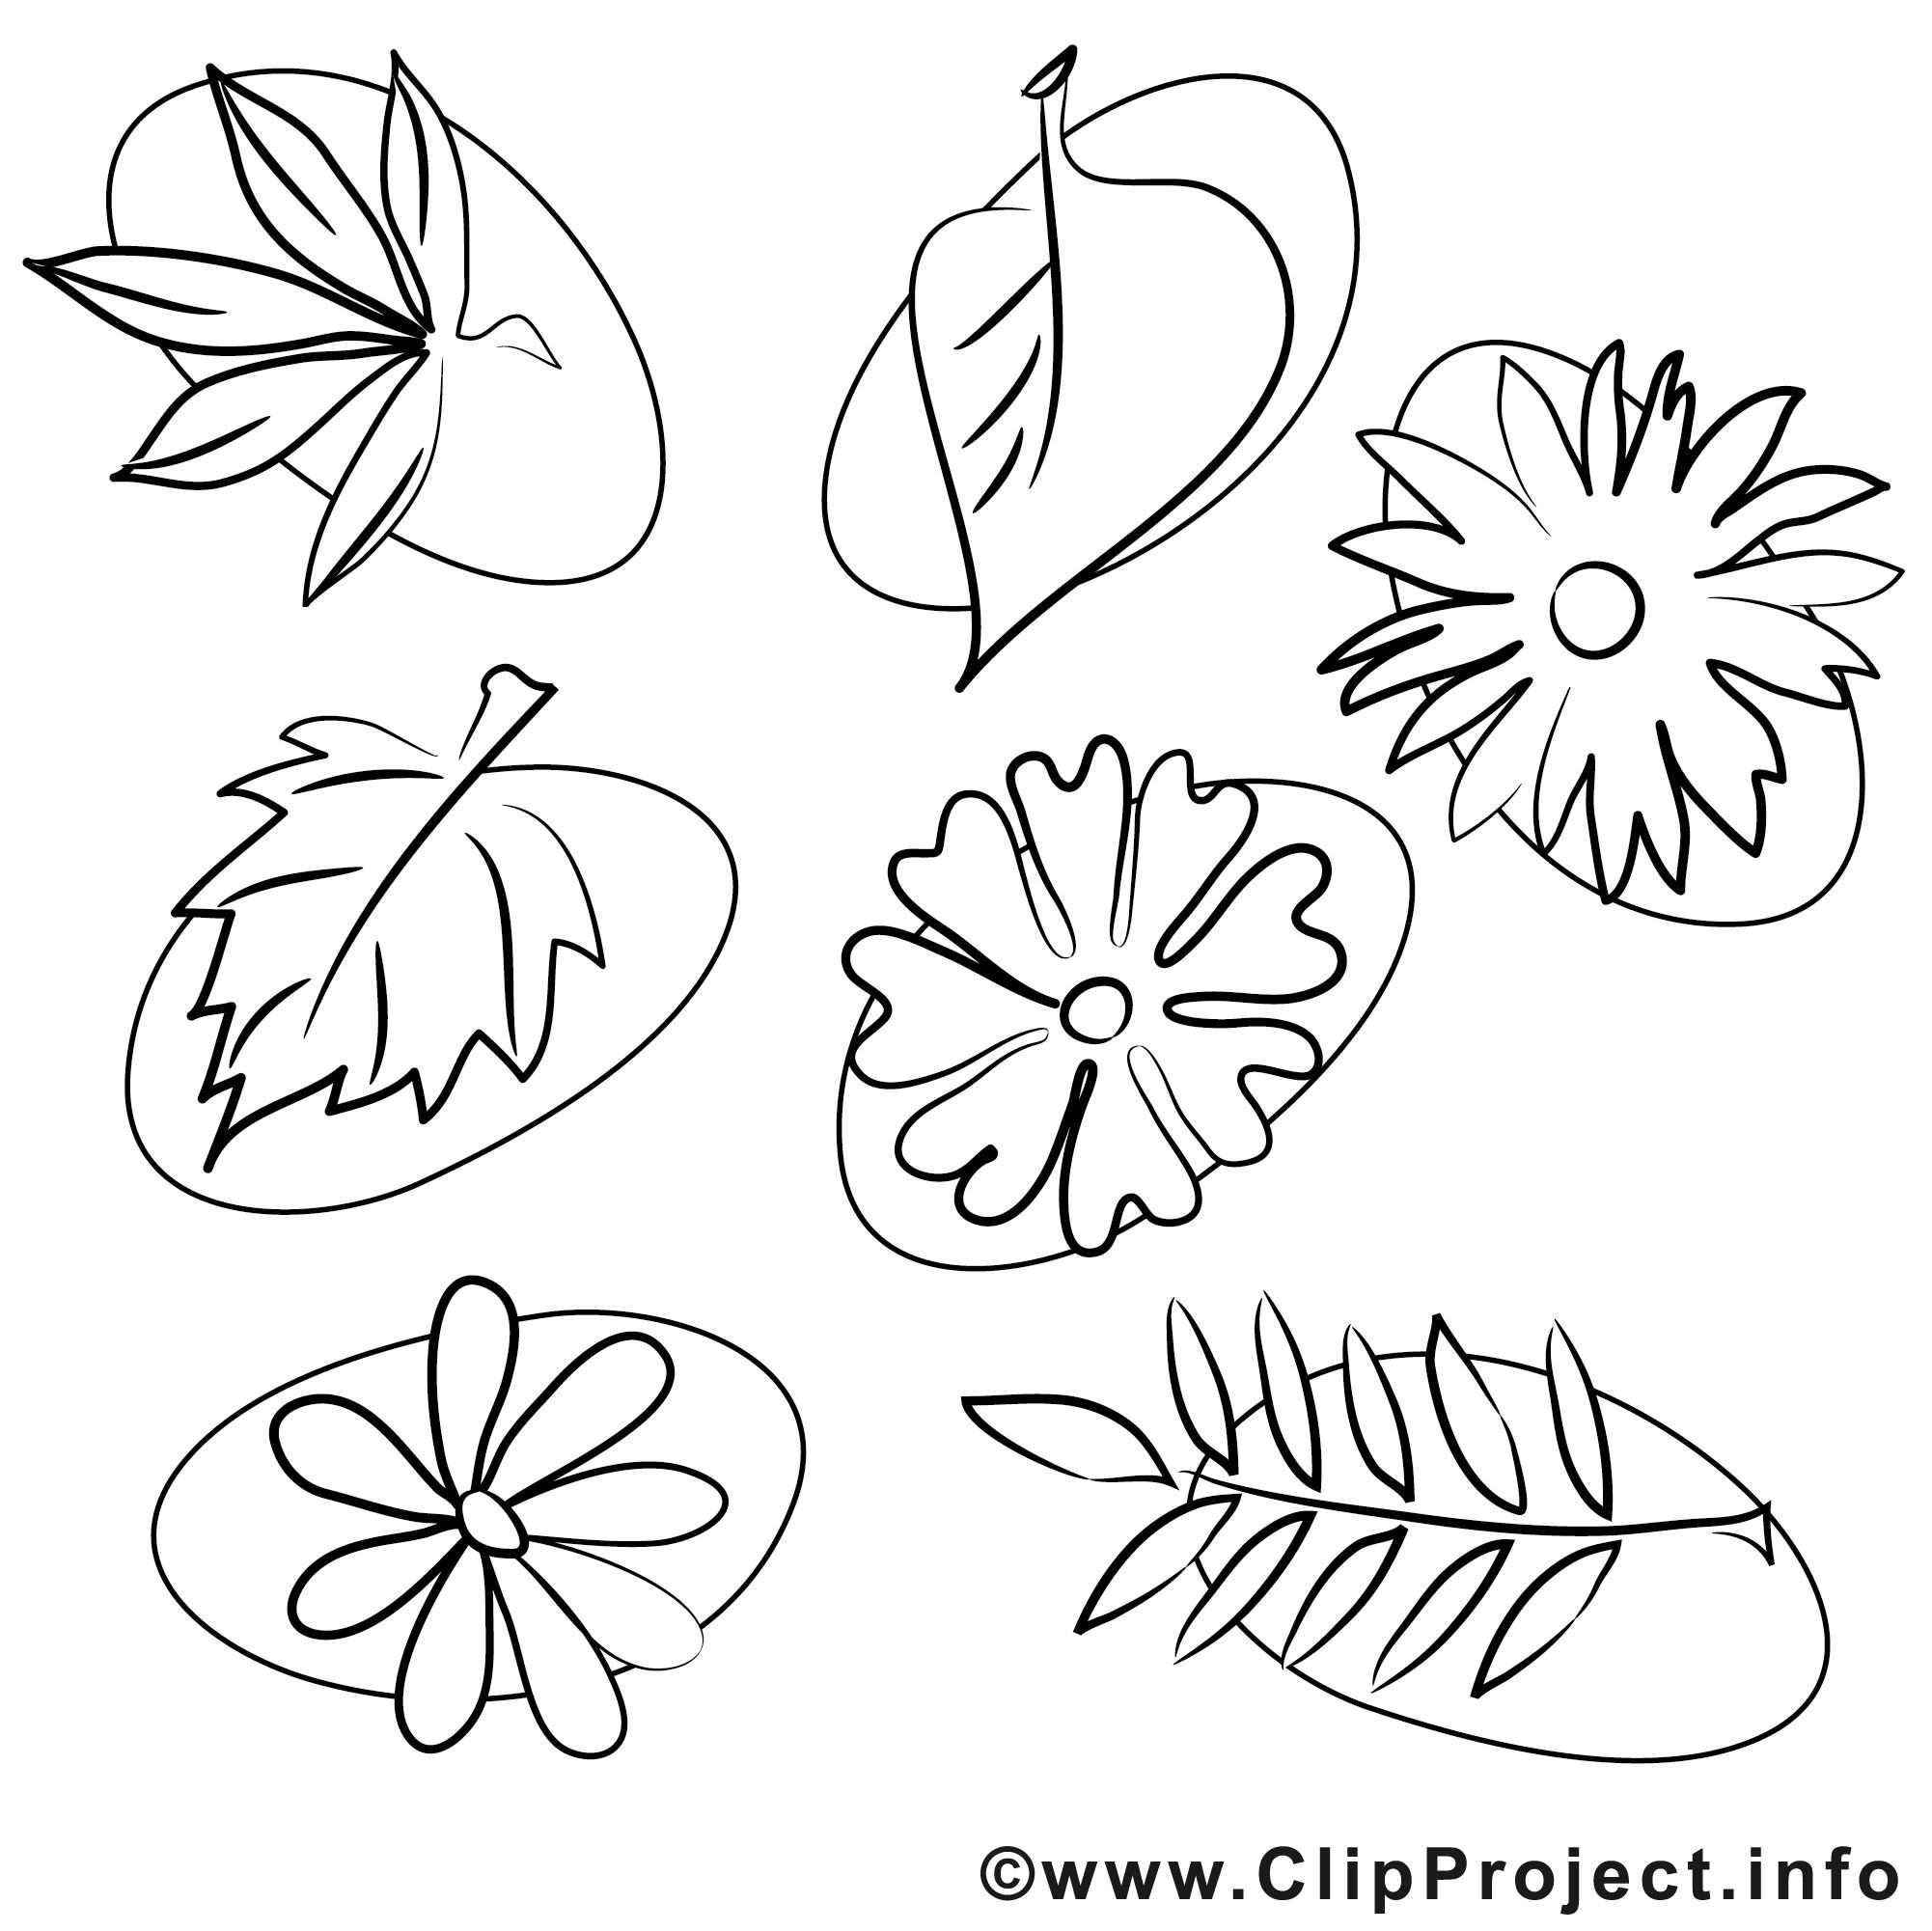 Ausmalbilder Blätter  Blaetter Malvorlagen